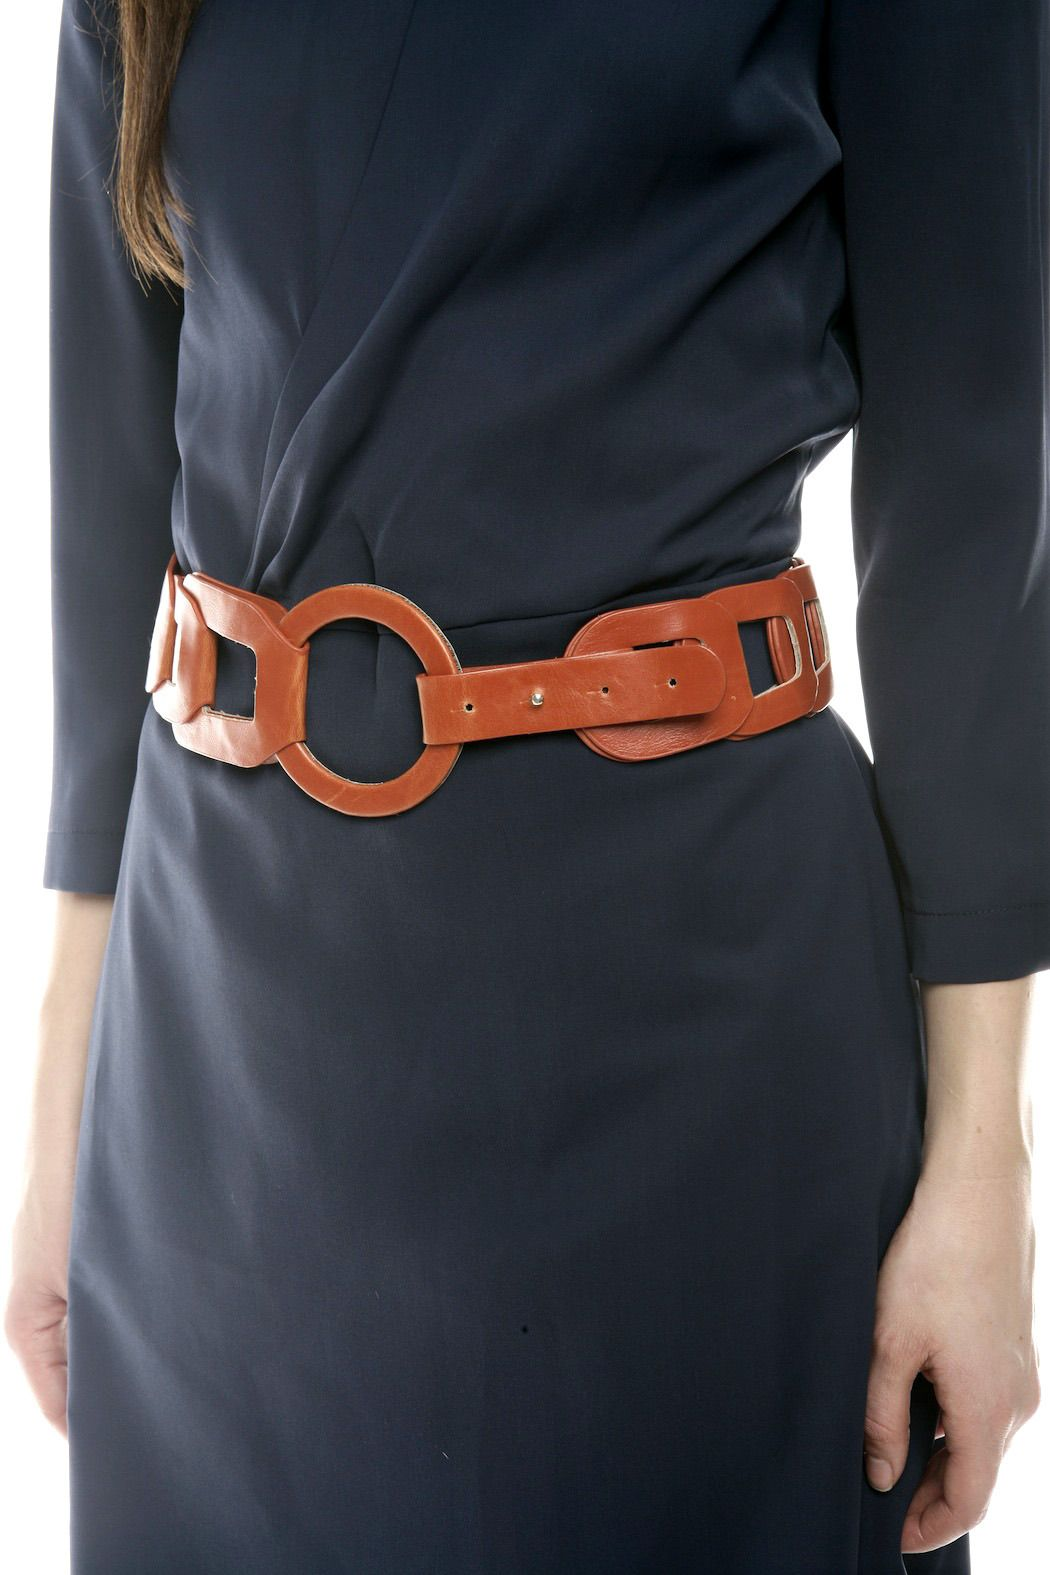 Gigi Look Interlocking Oval Belt   Cintos, Cintos femininos e Faixas cae4bce86a